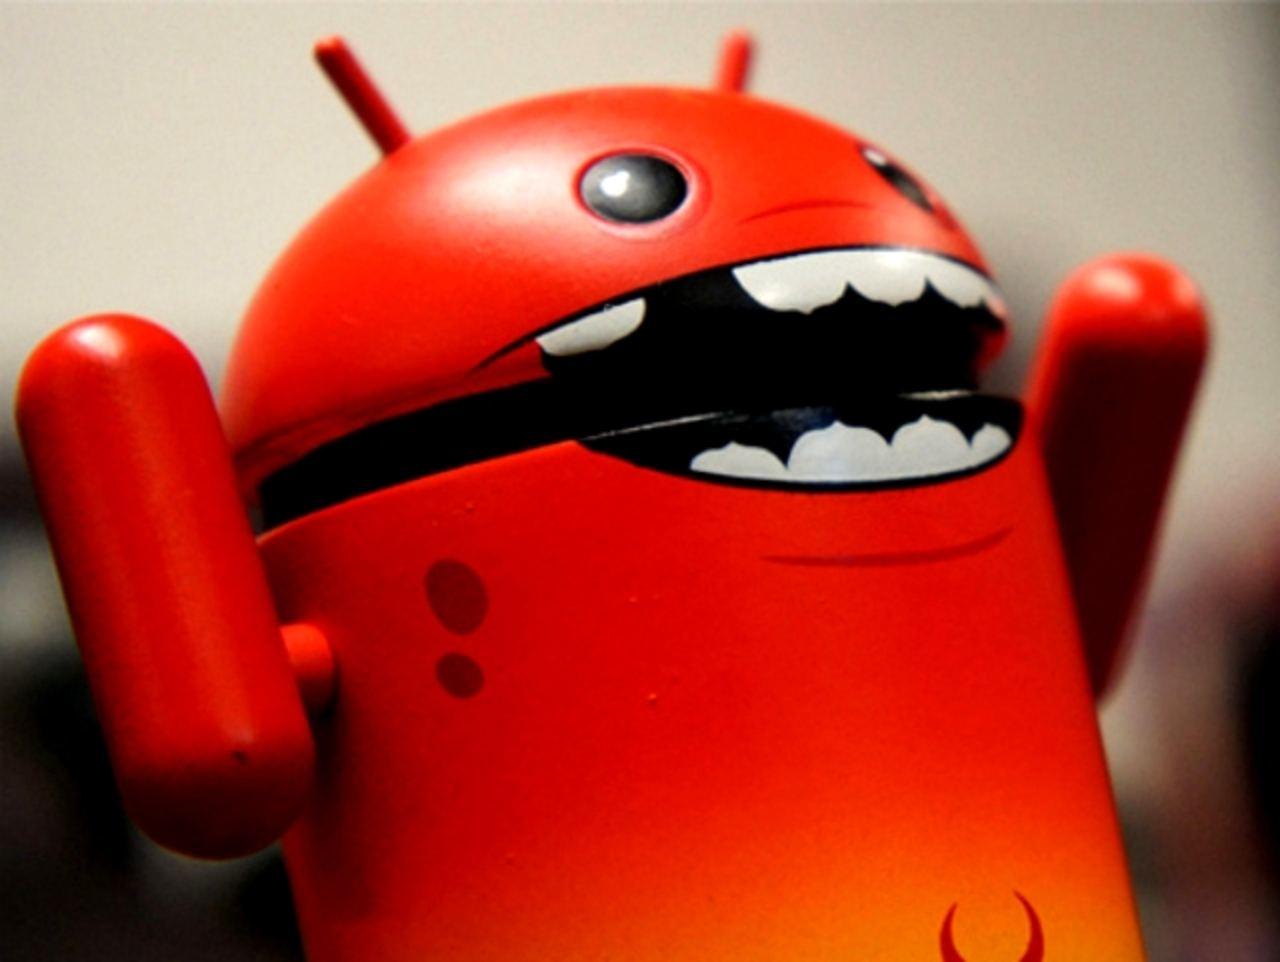 Virus FluBot e sms (Foto Xda Devolopers)